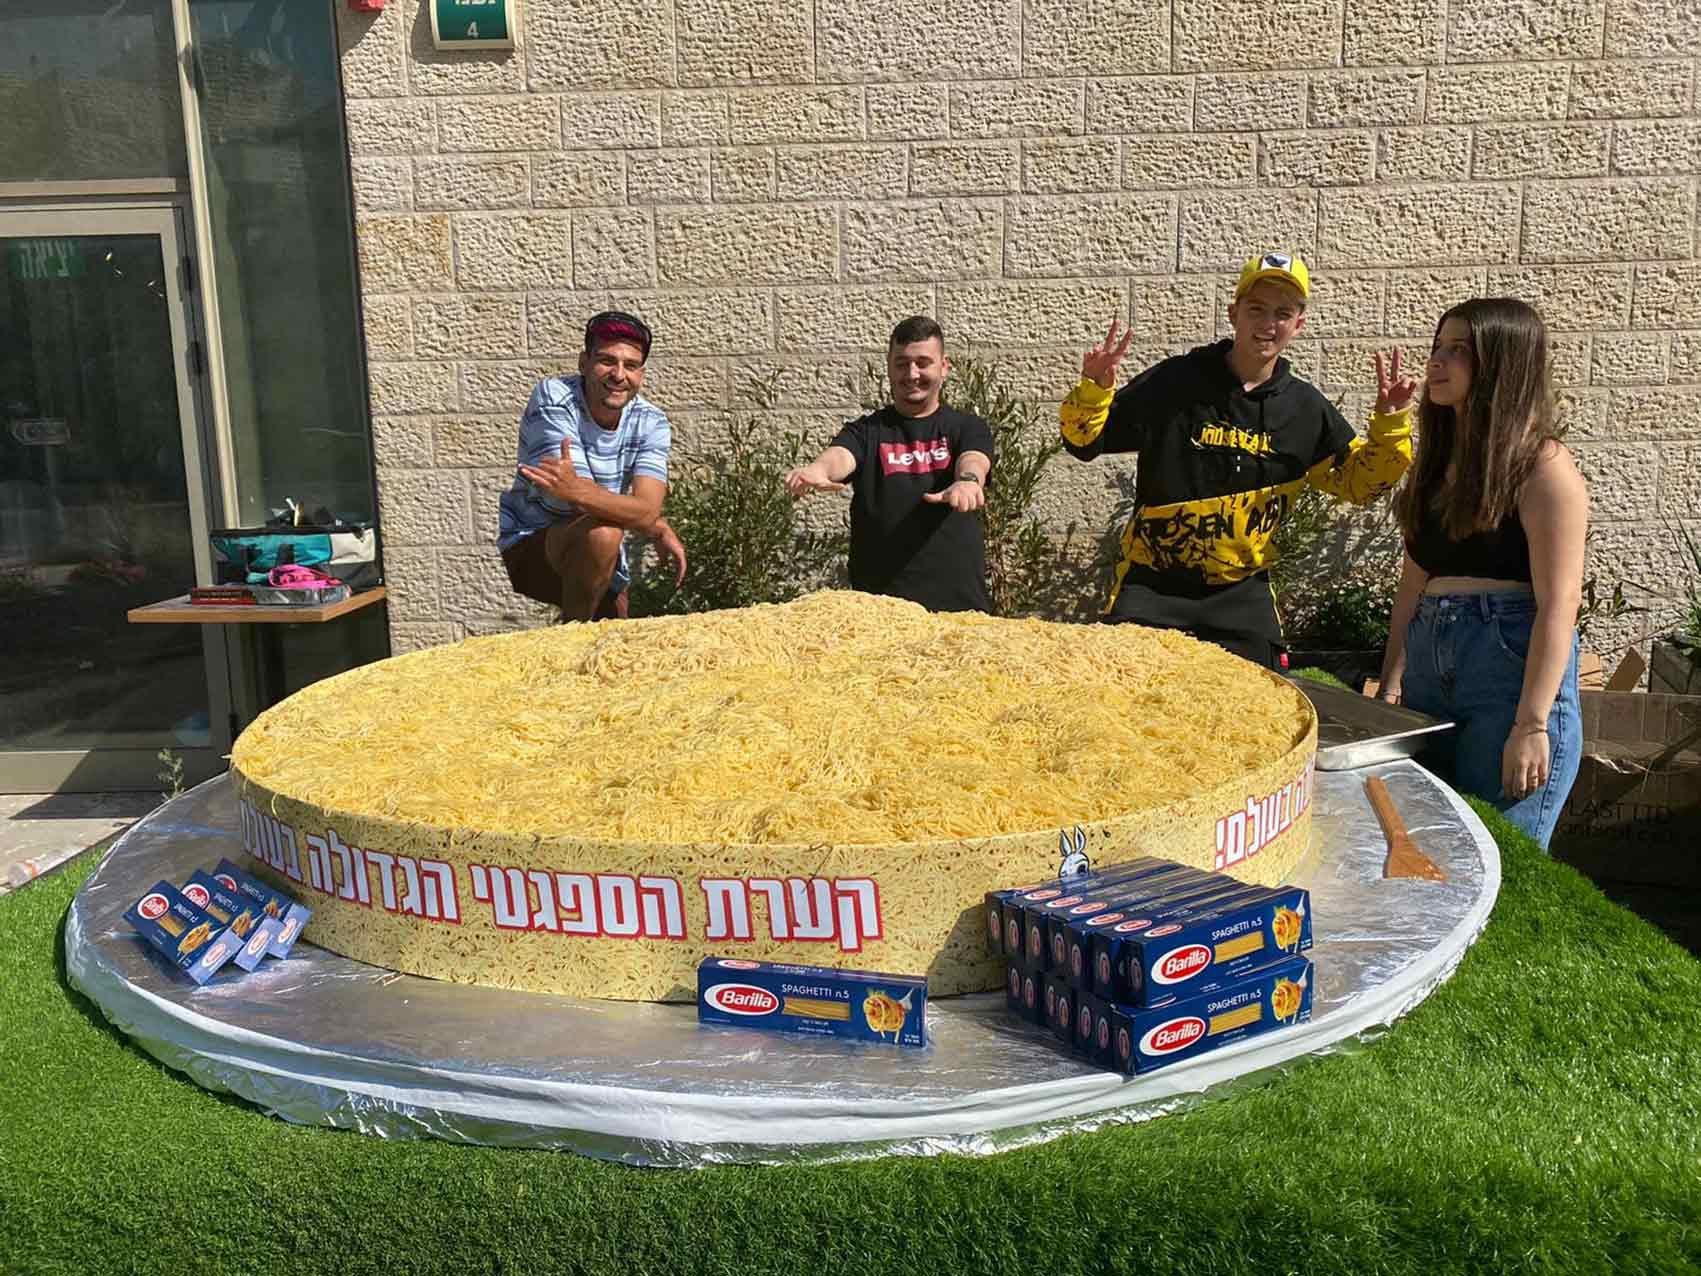 אוכל-קערת-הספגטי-הגדולה-בעולם-צילום-ליאו